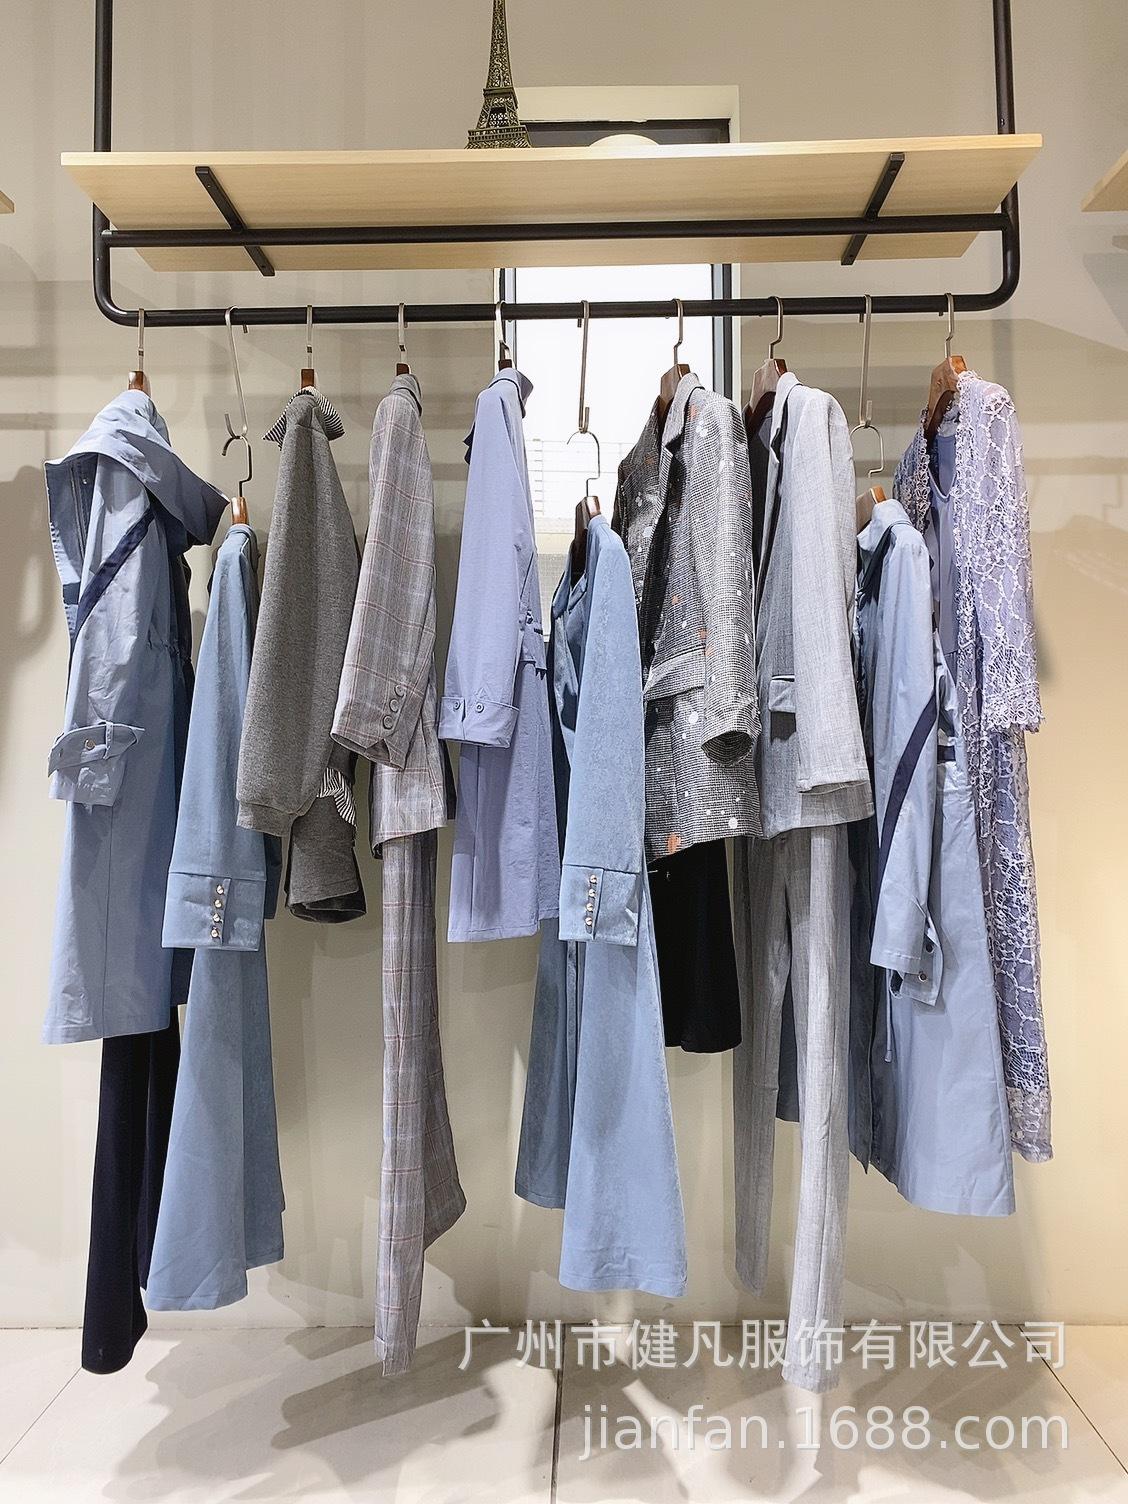 唯姿轩大码女装 高端品牌折扣女装 西装套装货源批发